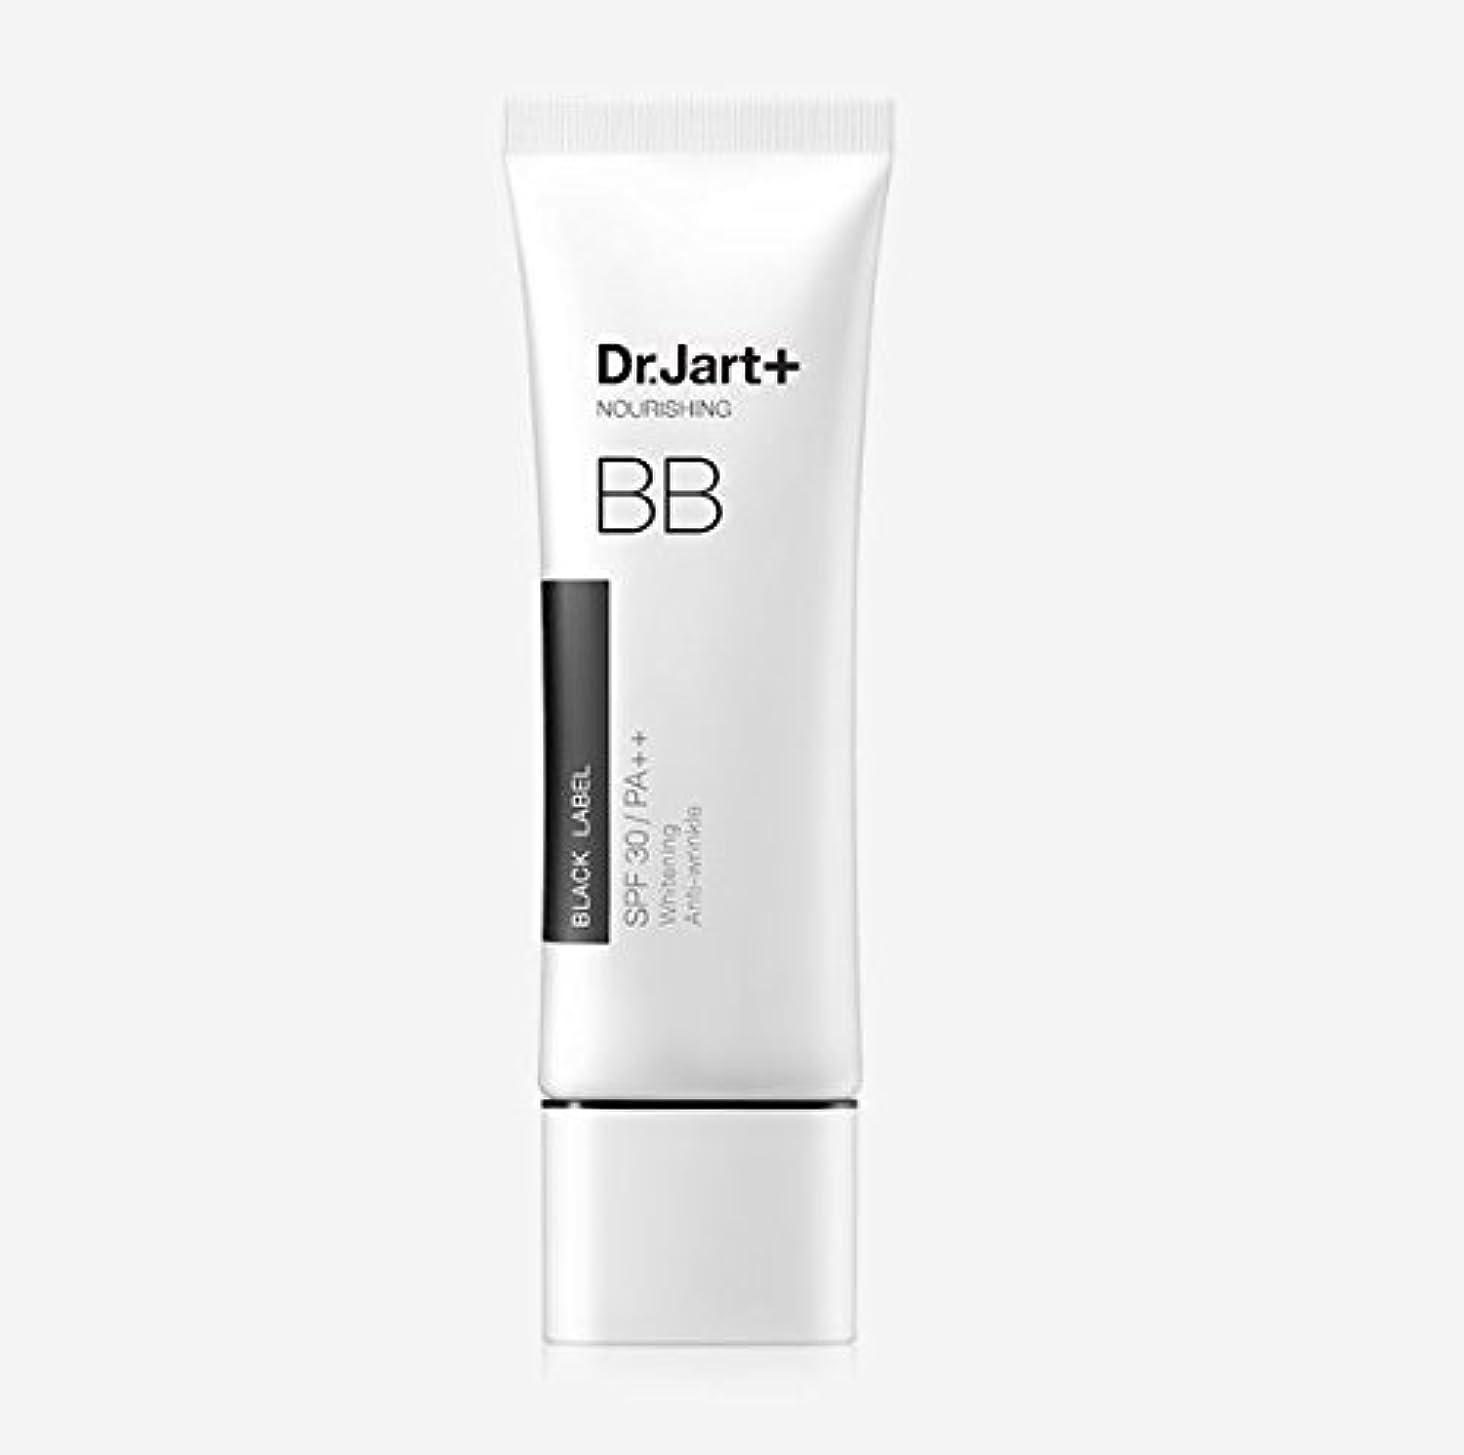 定期的酔っ払いパドル[Dr. Jart] Black Label BB Nourishing Beauty Balm 50ml SPF30 PA++/[ドクタージャルト] ブラックラベル BB ナリーシン ビューティー バーム 50ml SPF30...